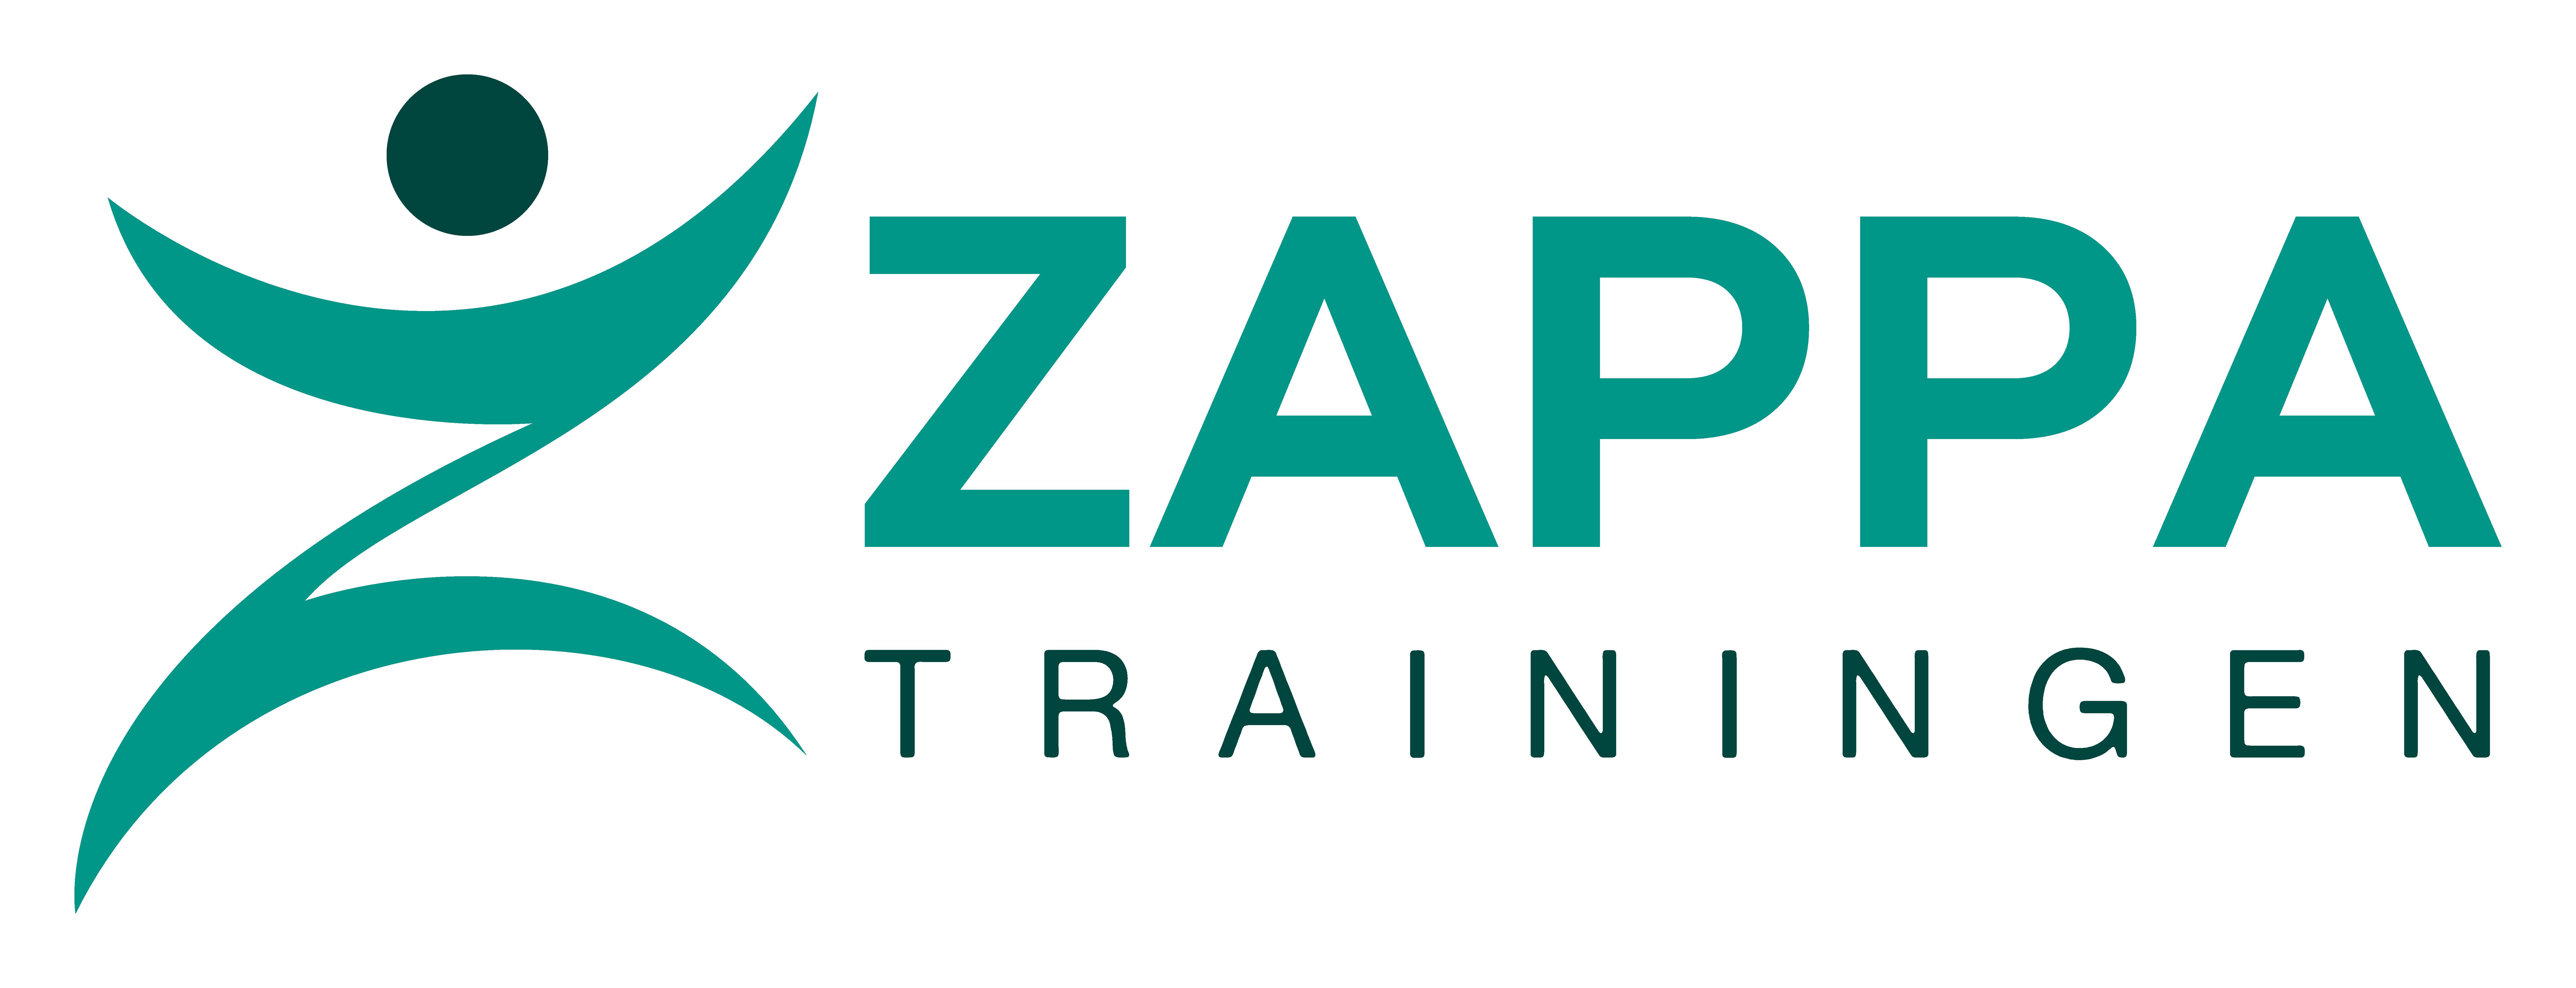 Zappa trainingen | Trainingen in presenteren